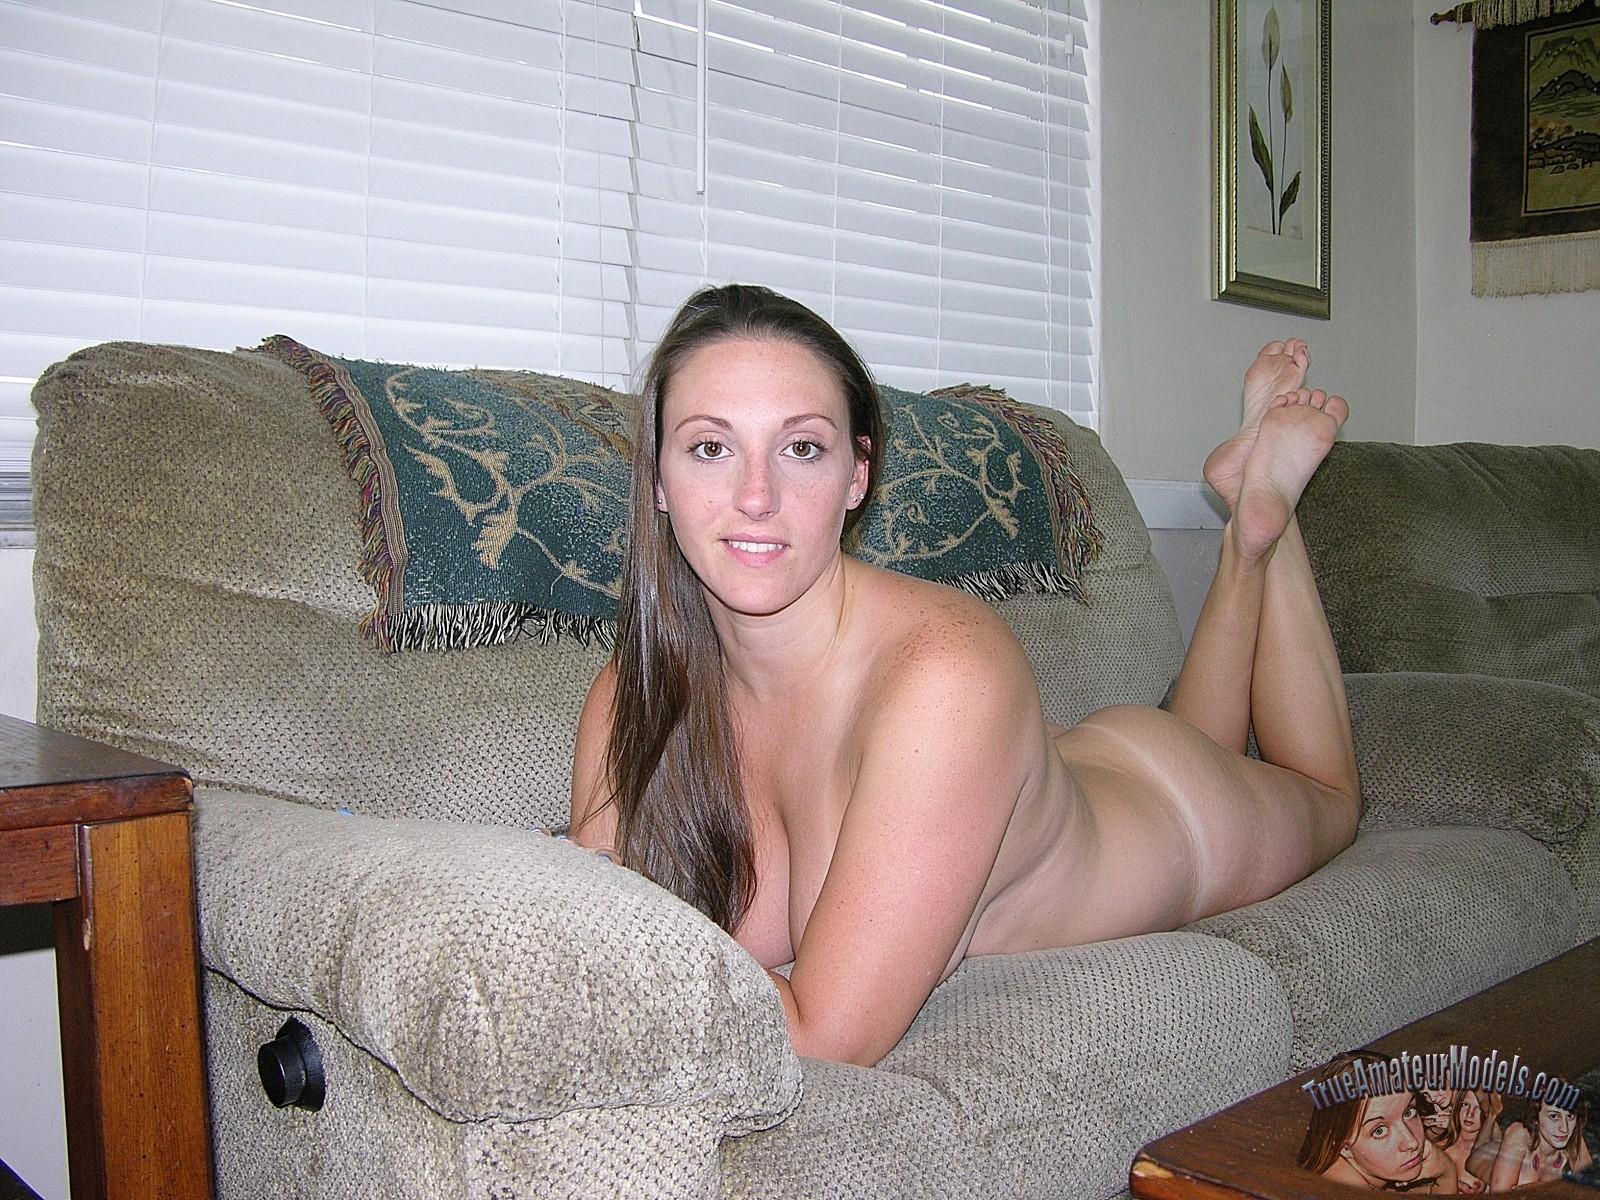 Amateur girl grabs cock